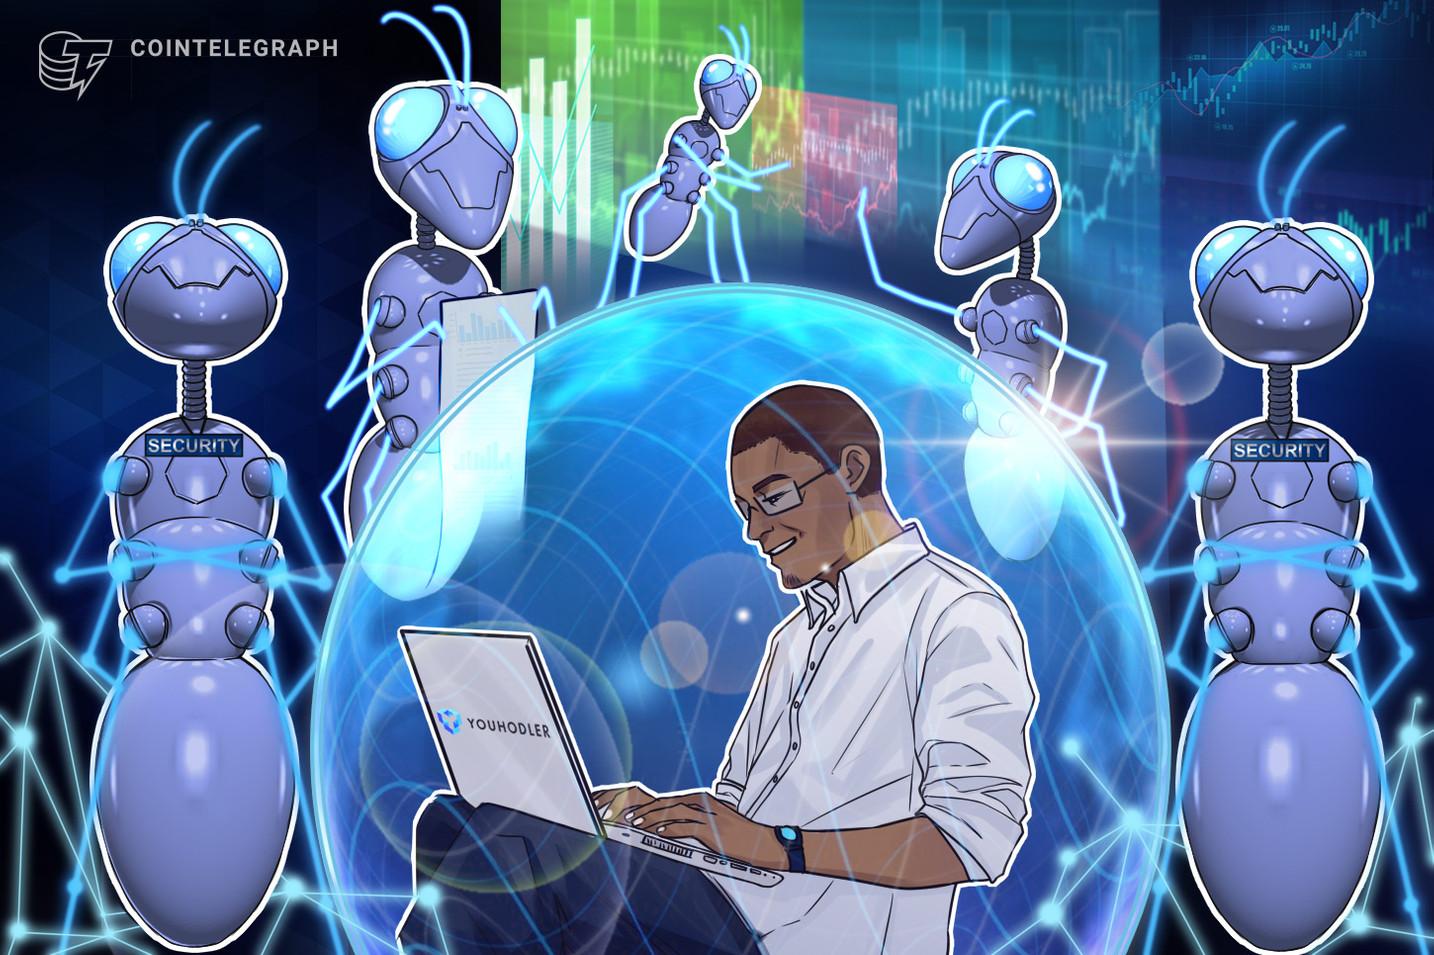 แพลตฟอร์ม Blockchain นำเสนอความปลอดภัยและความรับผิดชอบที่ DeFi ไม่สามารถทำได้